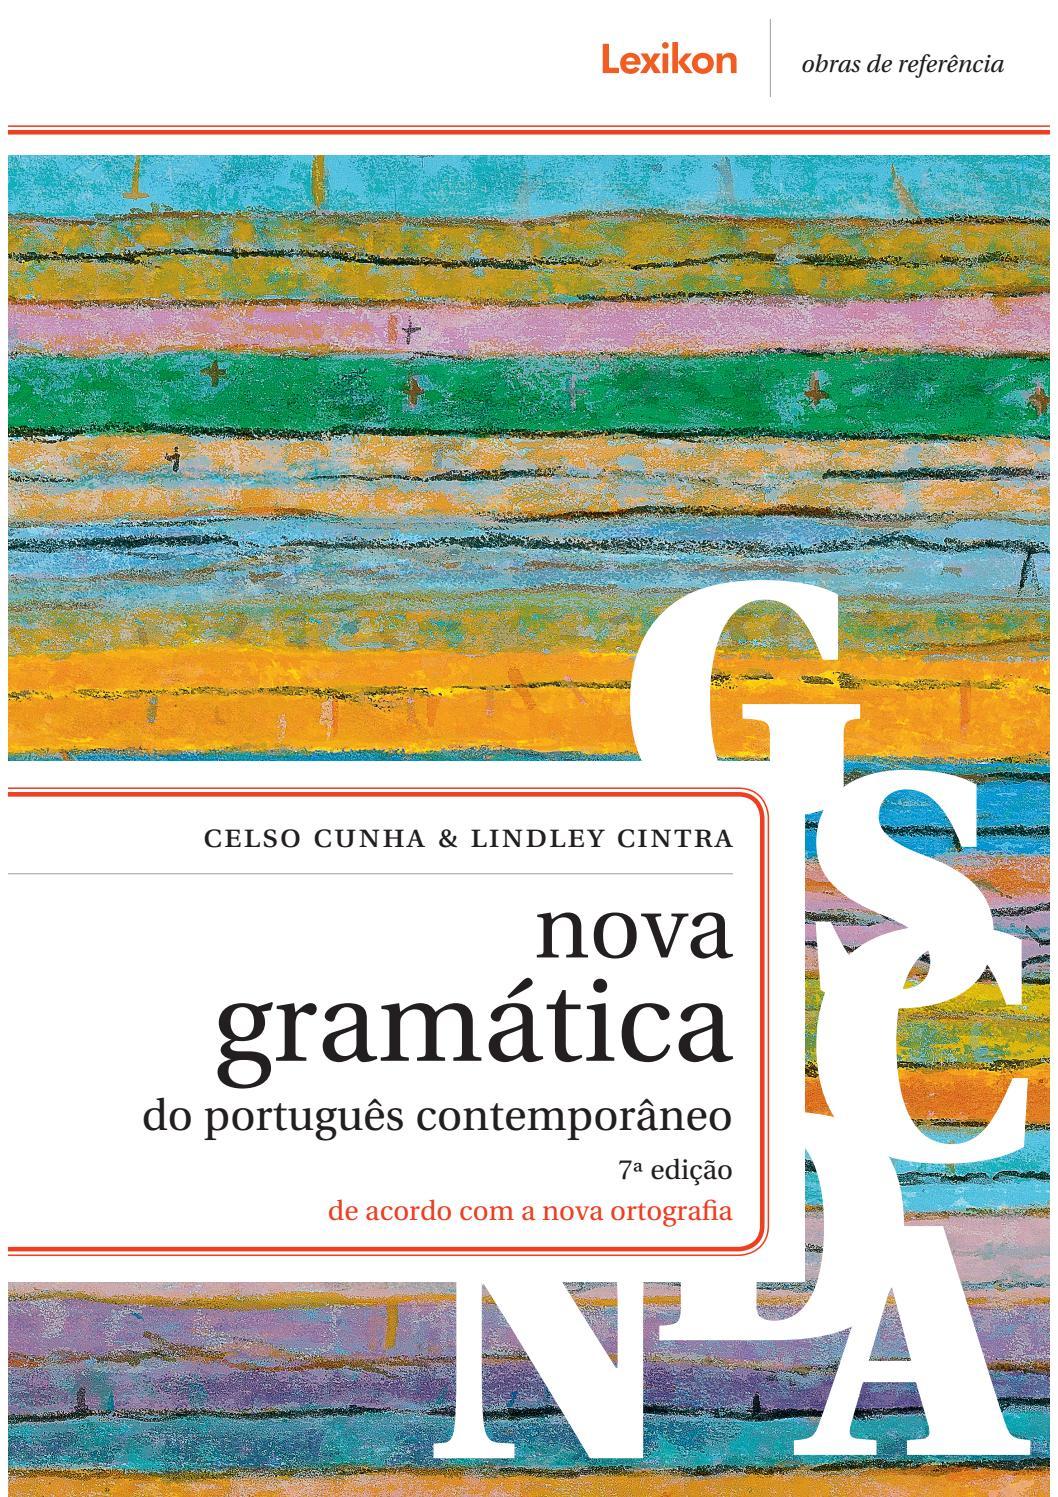 Pdf do contemporaneo nova portugues gramatica